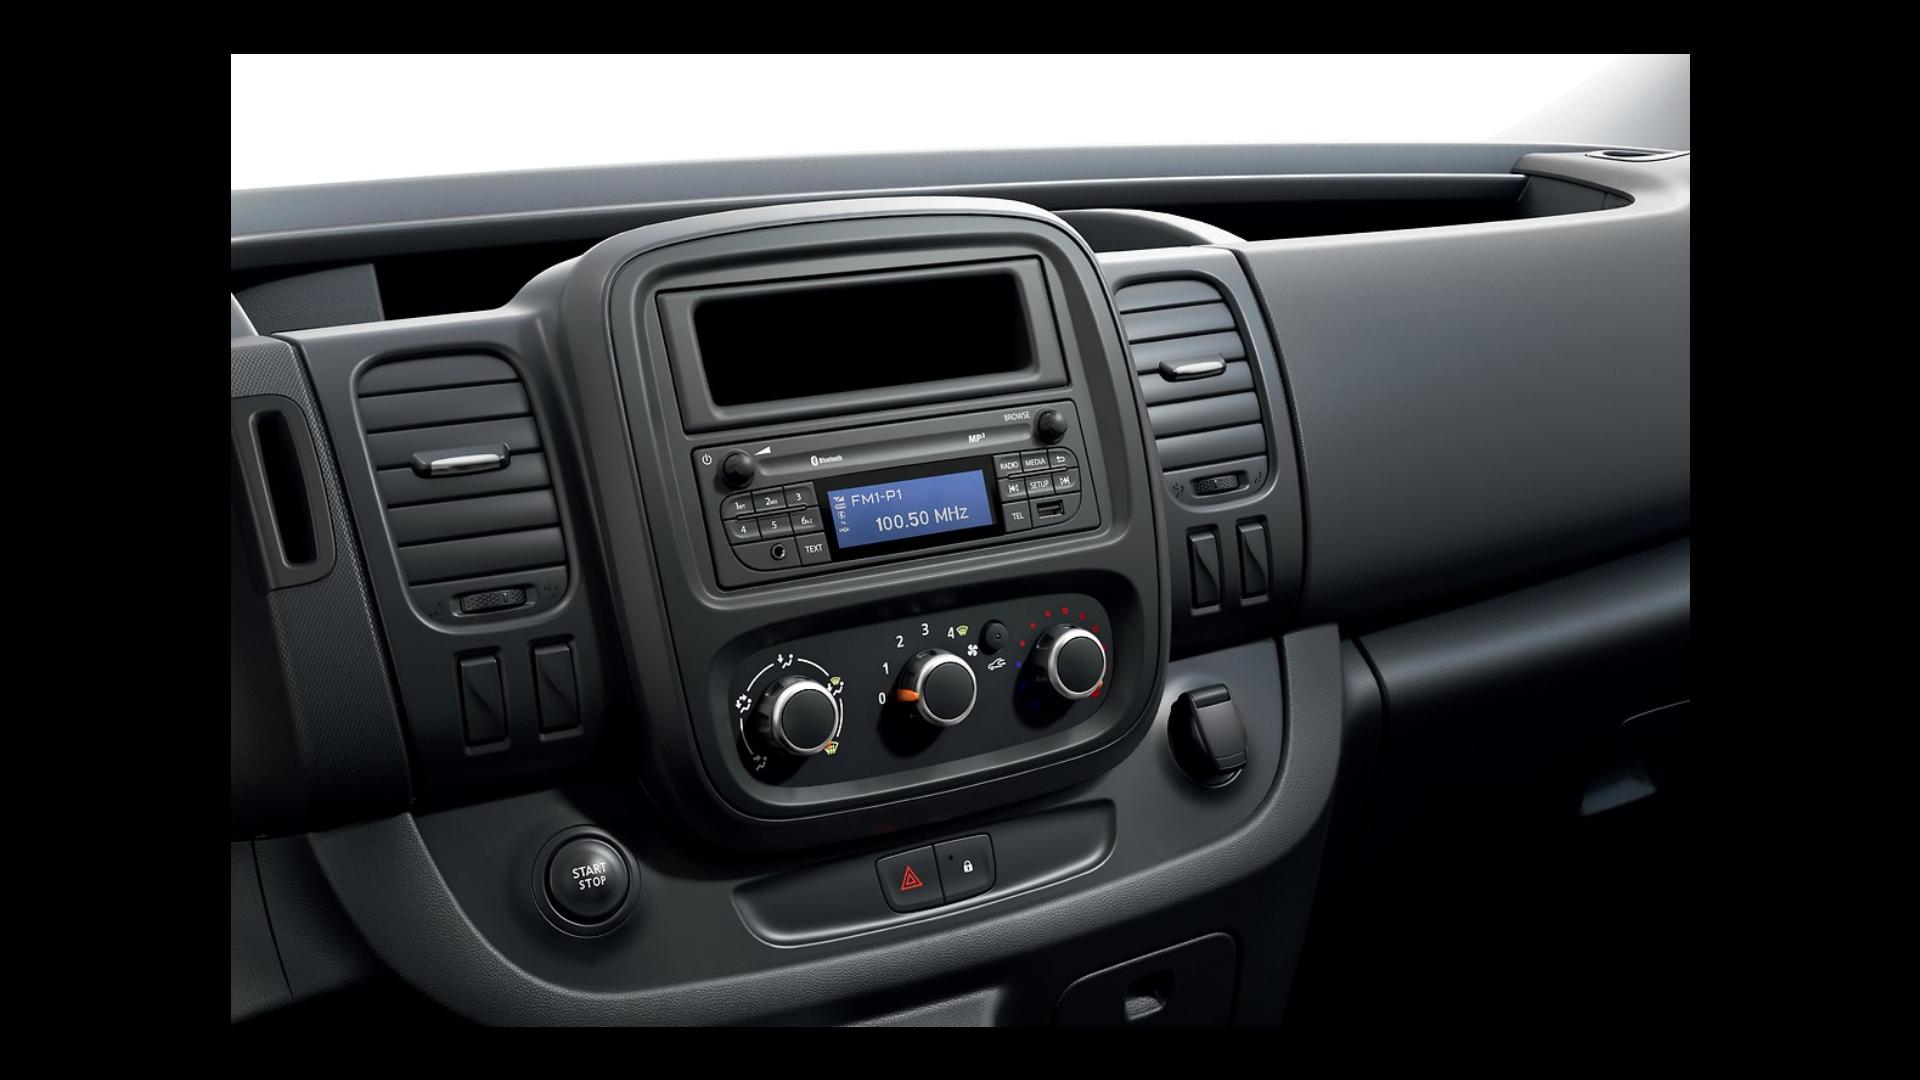 MP3, Bluetooth® és DAB rádió, beépített kijelző, kormány mögötti távirányító